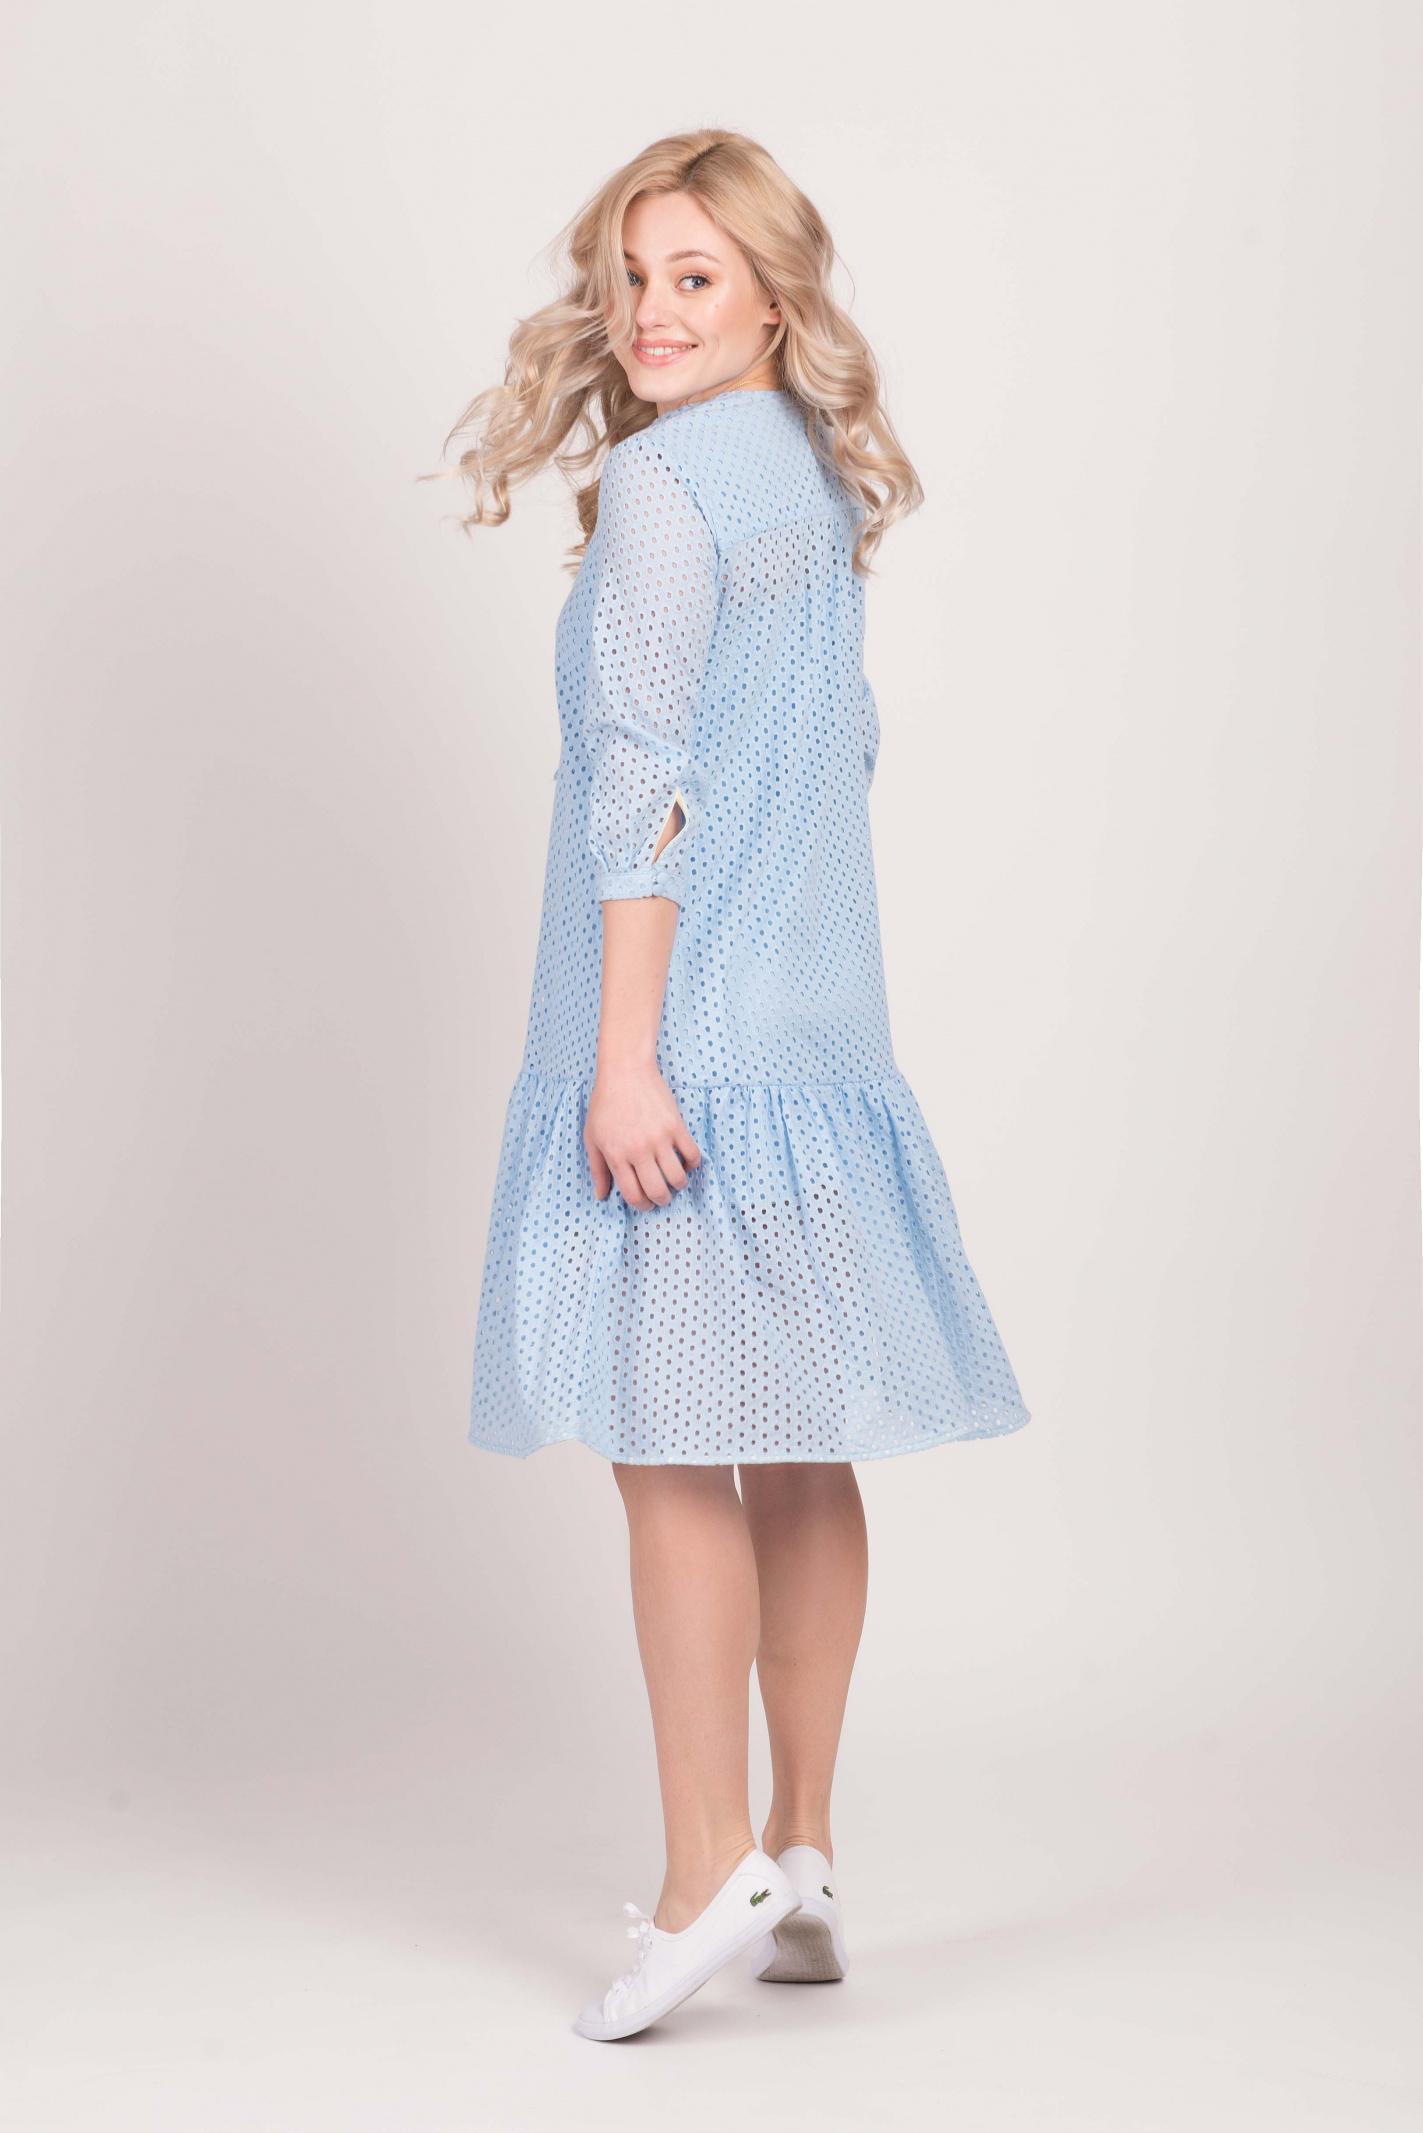 ANDRE TAN Сукня жіночі модель 30109 придбати, 2017